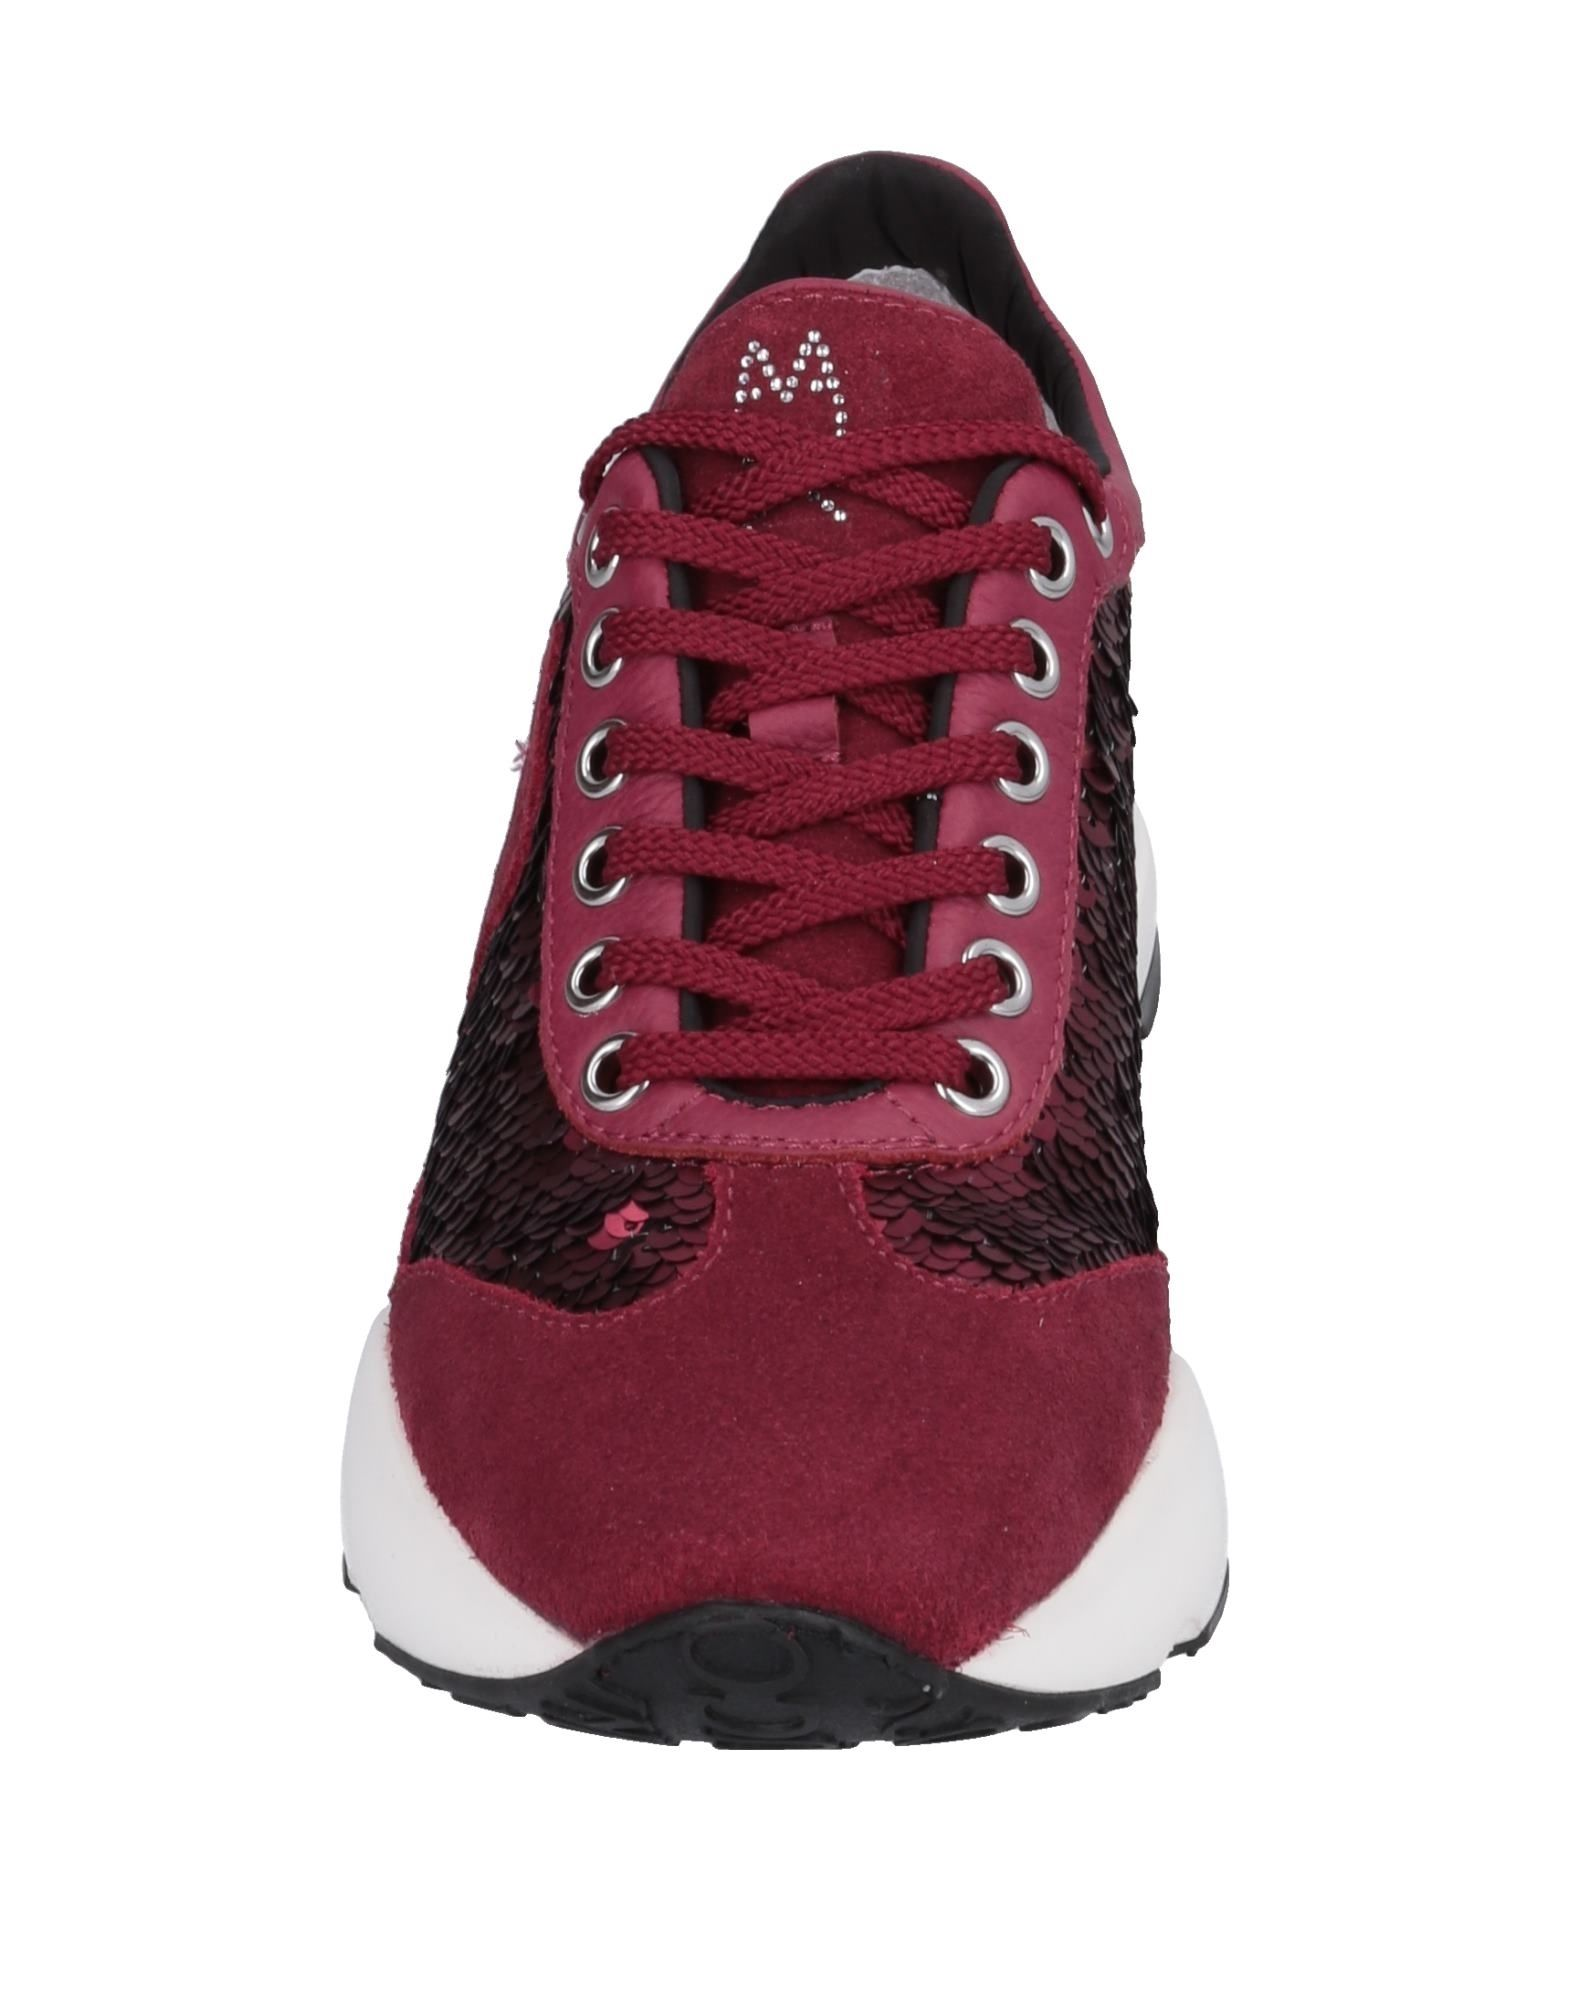 Ruco Preis-Leistungs-Verhältnis, Line Sneakers Damen Gutes Preis-Leistungs-Verhältnis, Ruco es lohnt sich 6293c6